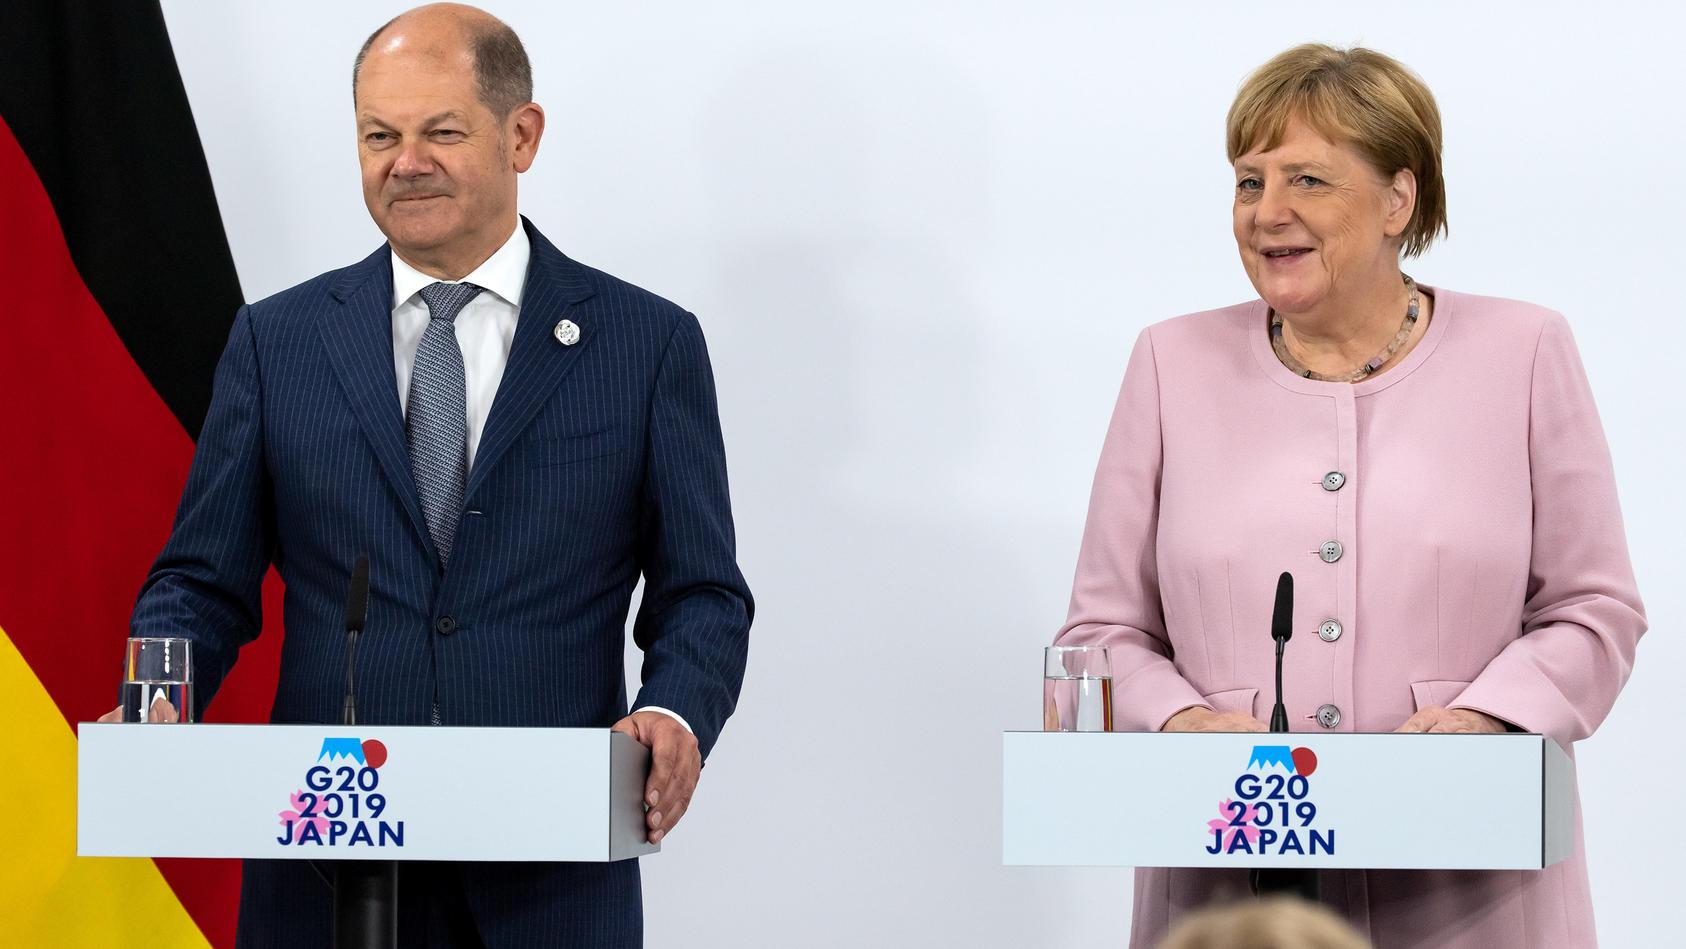 Olaf Scholz und Angela Merkel bei der abschließenden Pressekonferenz zum G20-Gipfel in Osaka